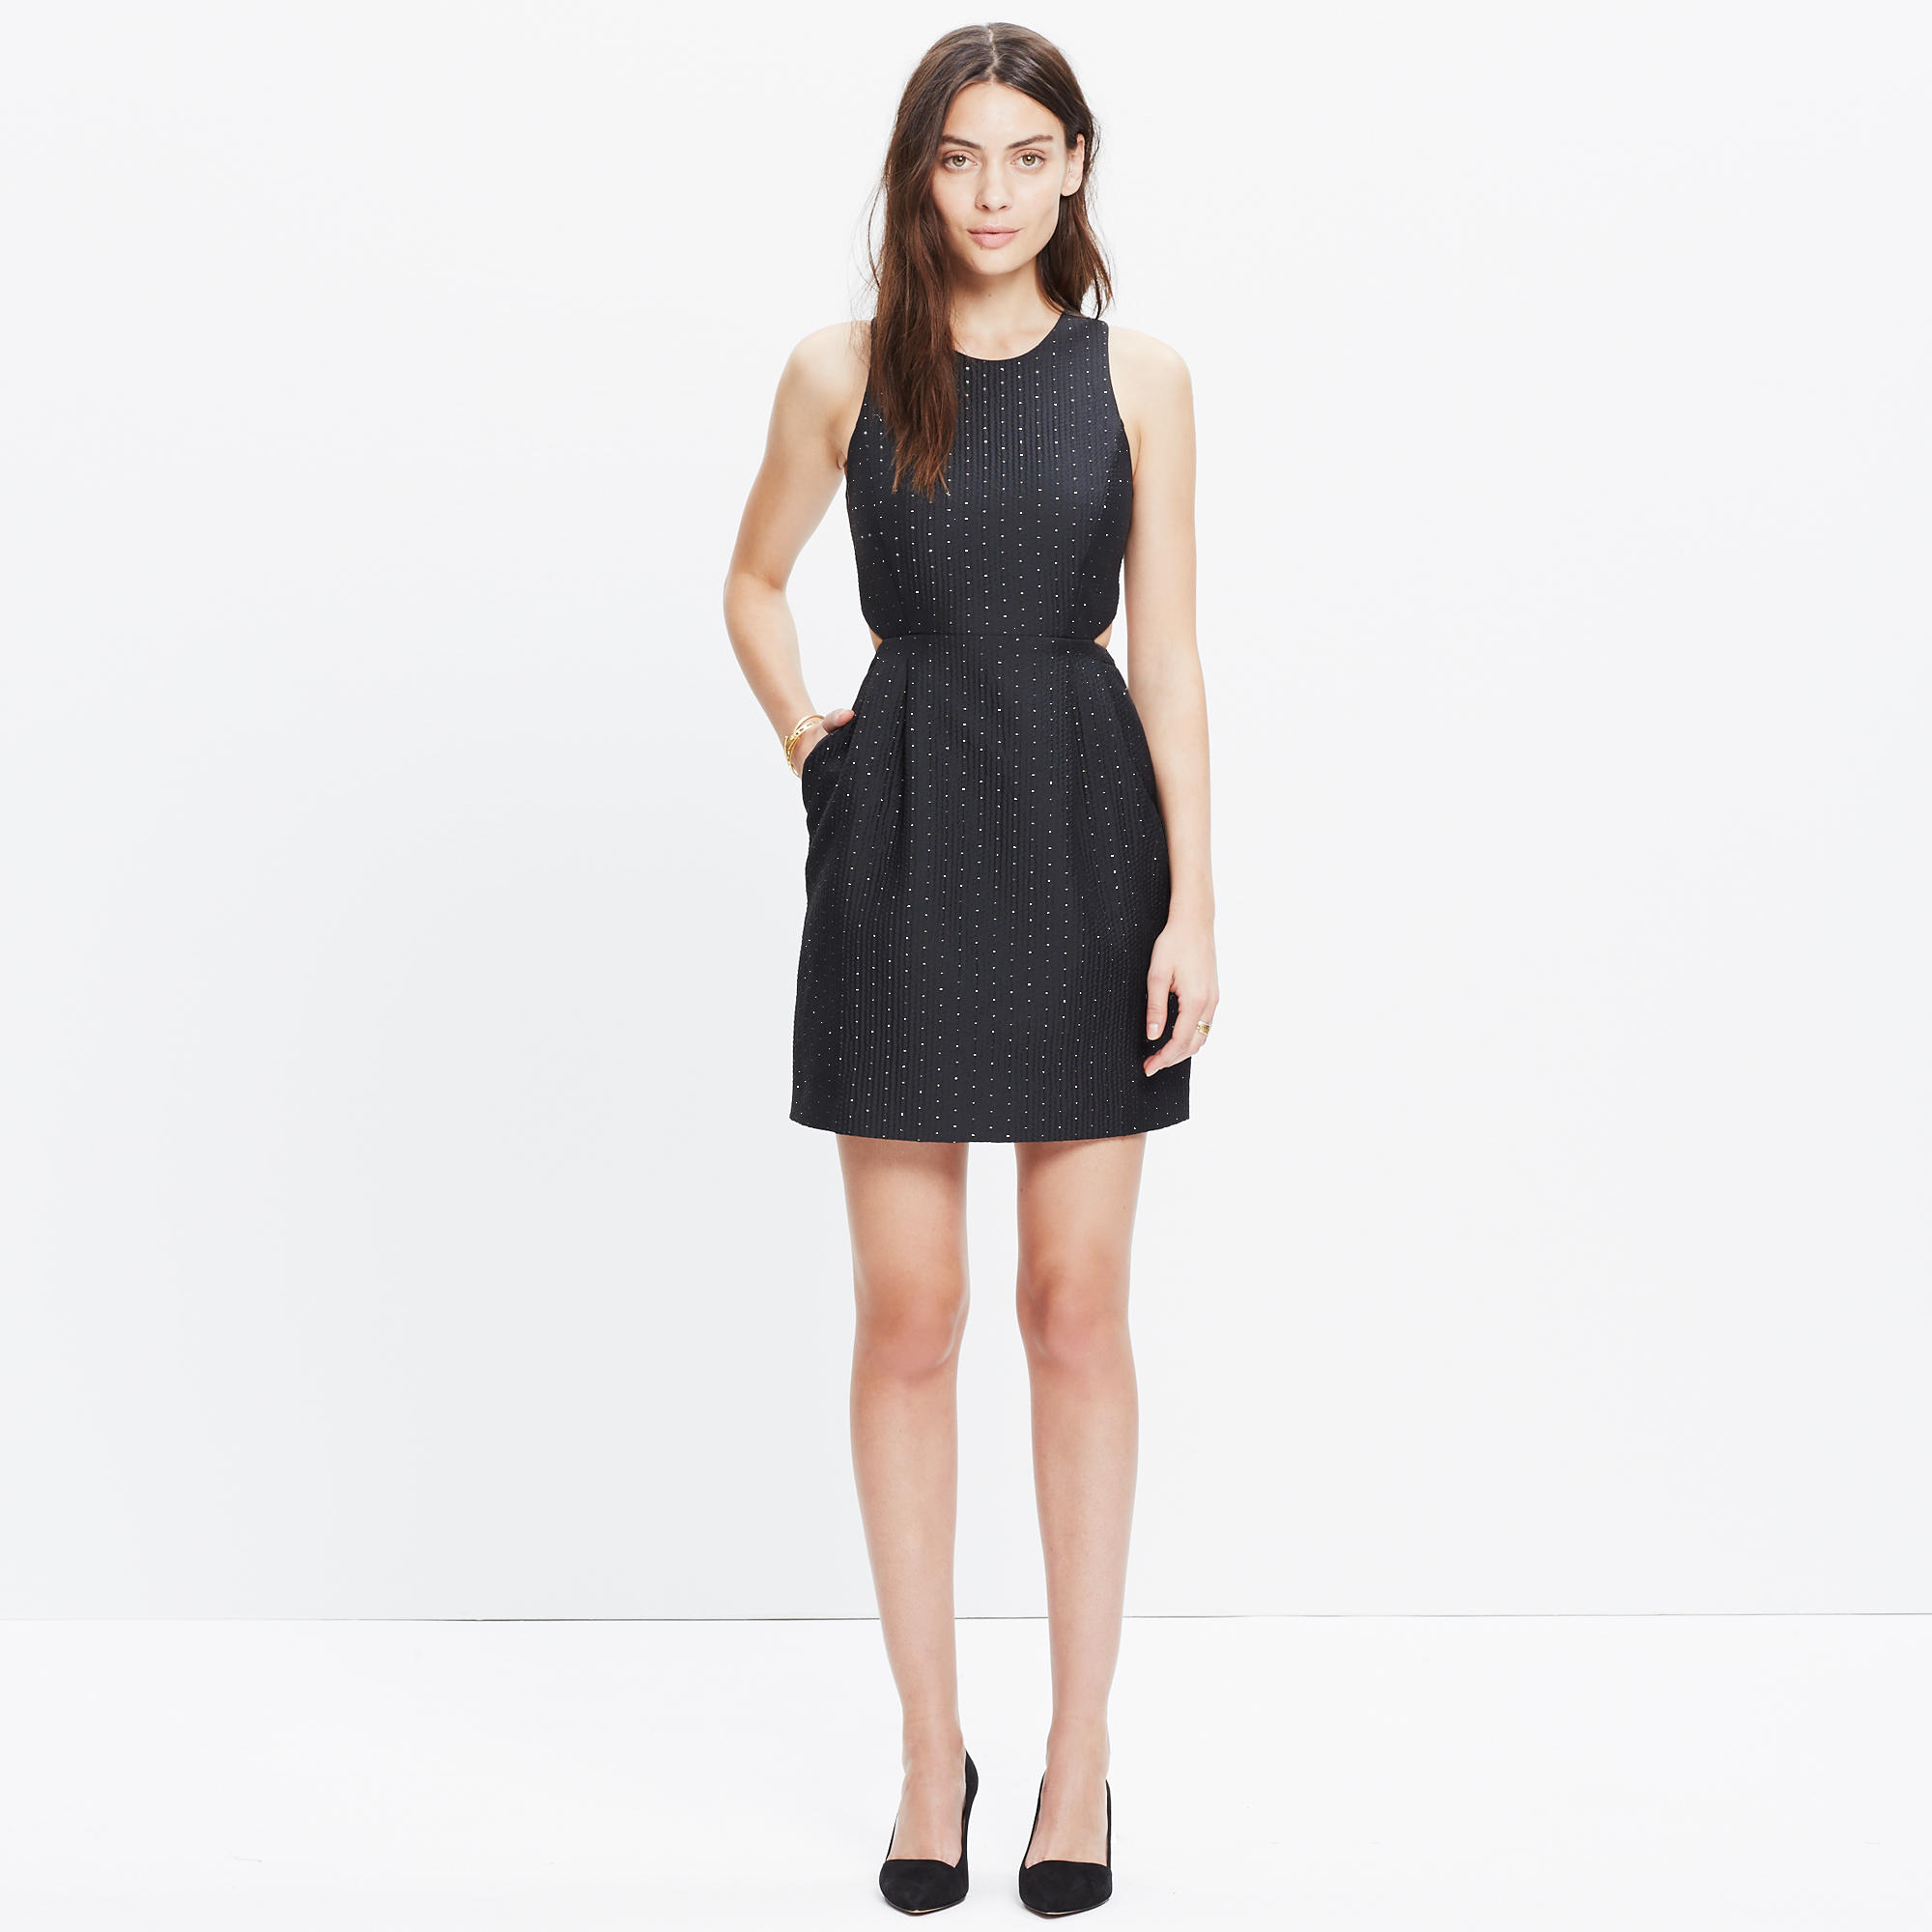 vestido de festa preto simples